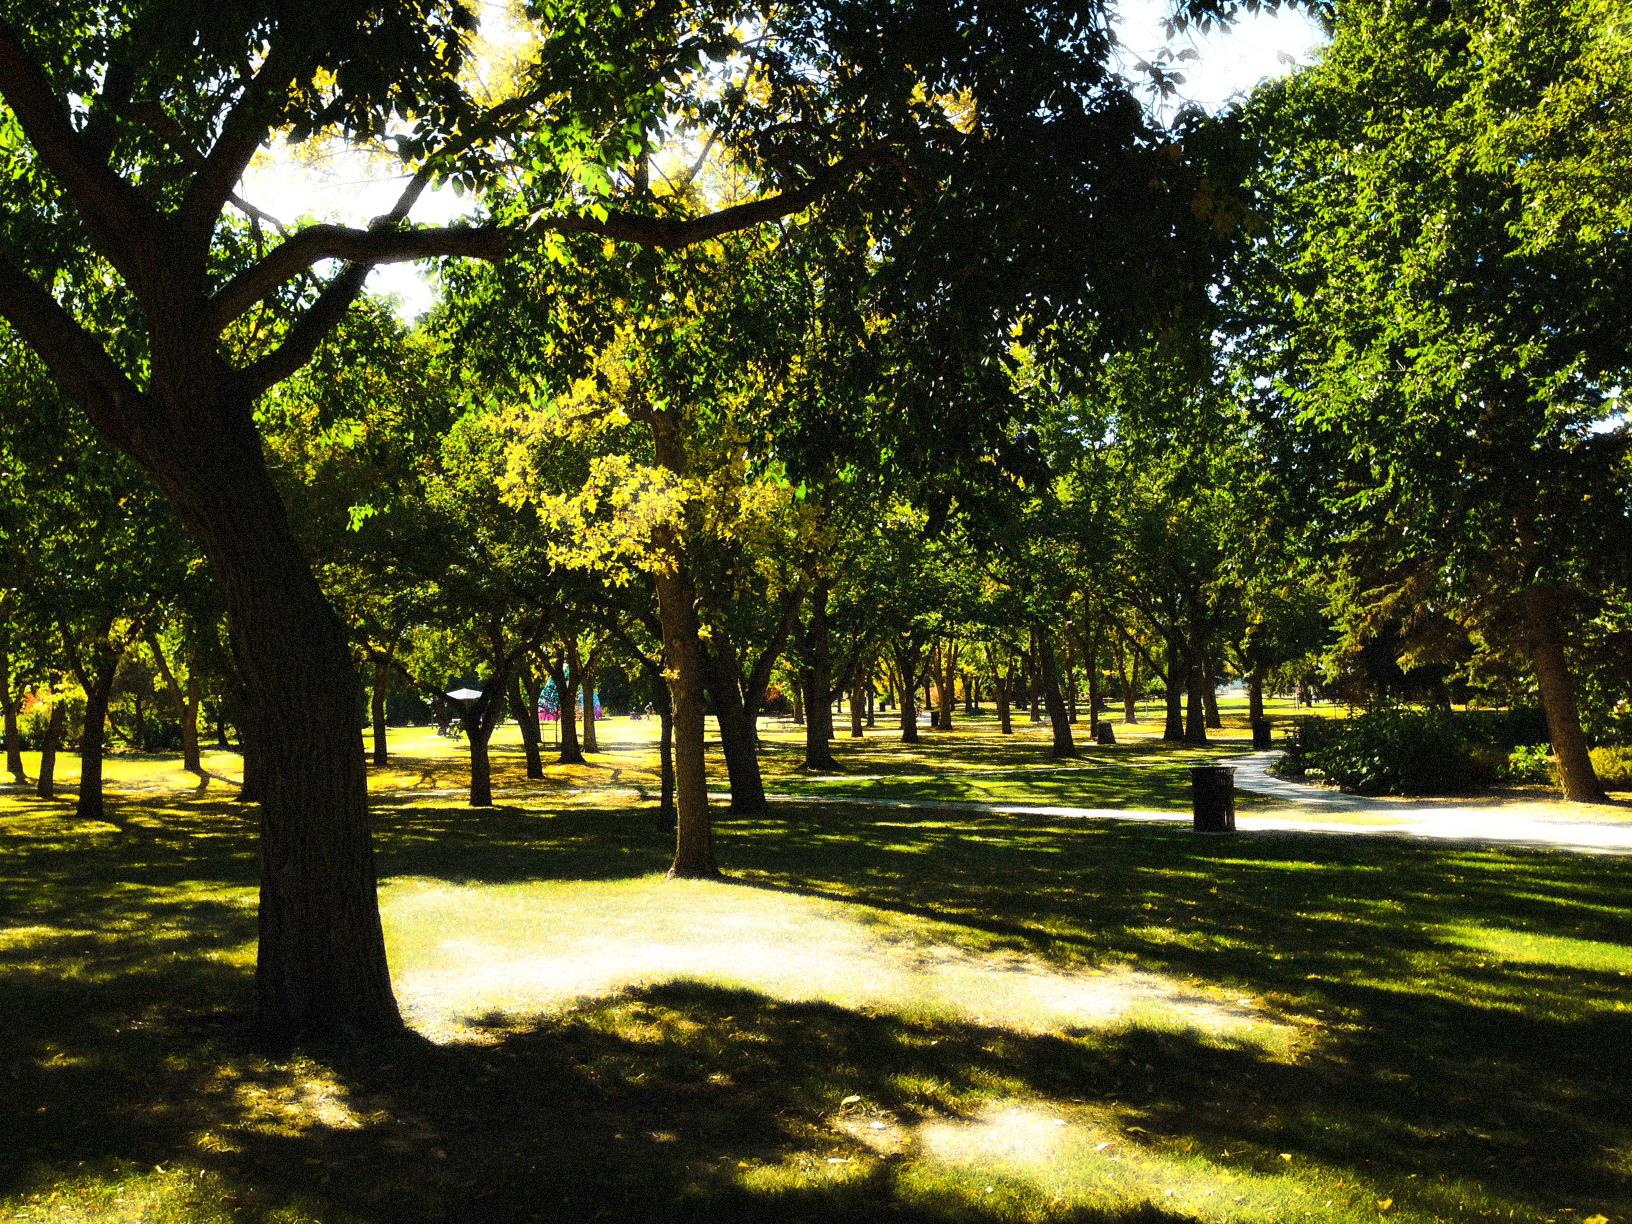 The Grove, Borden Park, Edmonton, Alberta, VH 2014